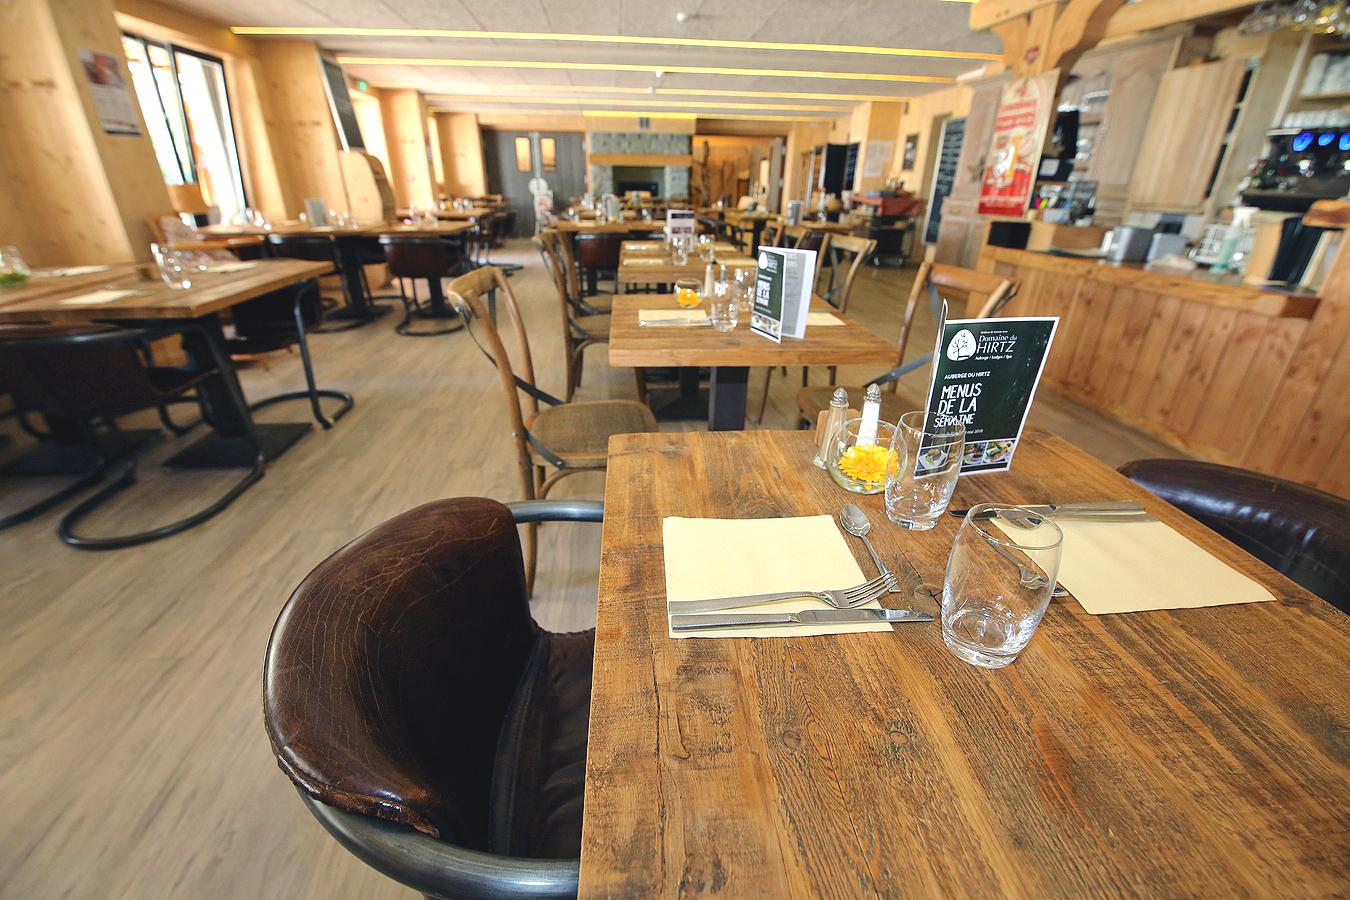 Grande salle du restaurant de l'Auberge du Hirtz